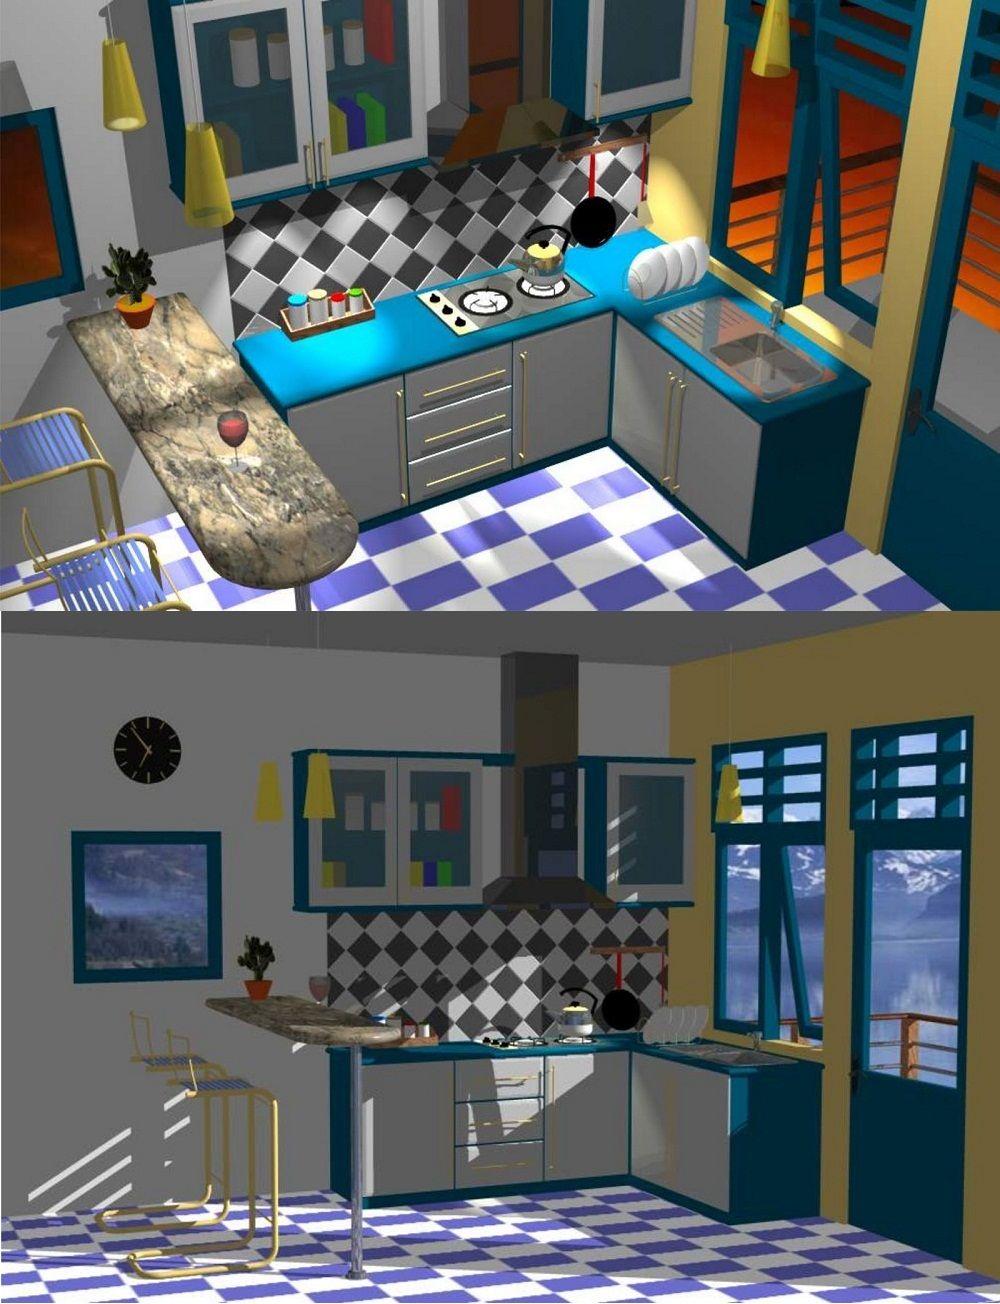 Layout Desain Meja Bar Di Dapur Rumah Gambar 1